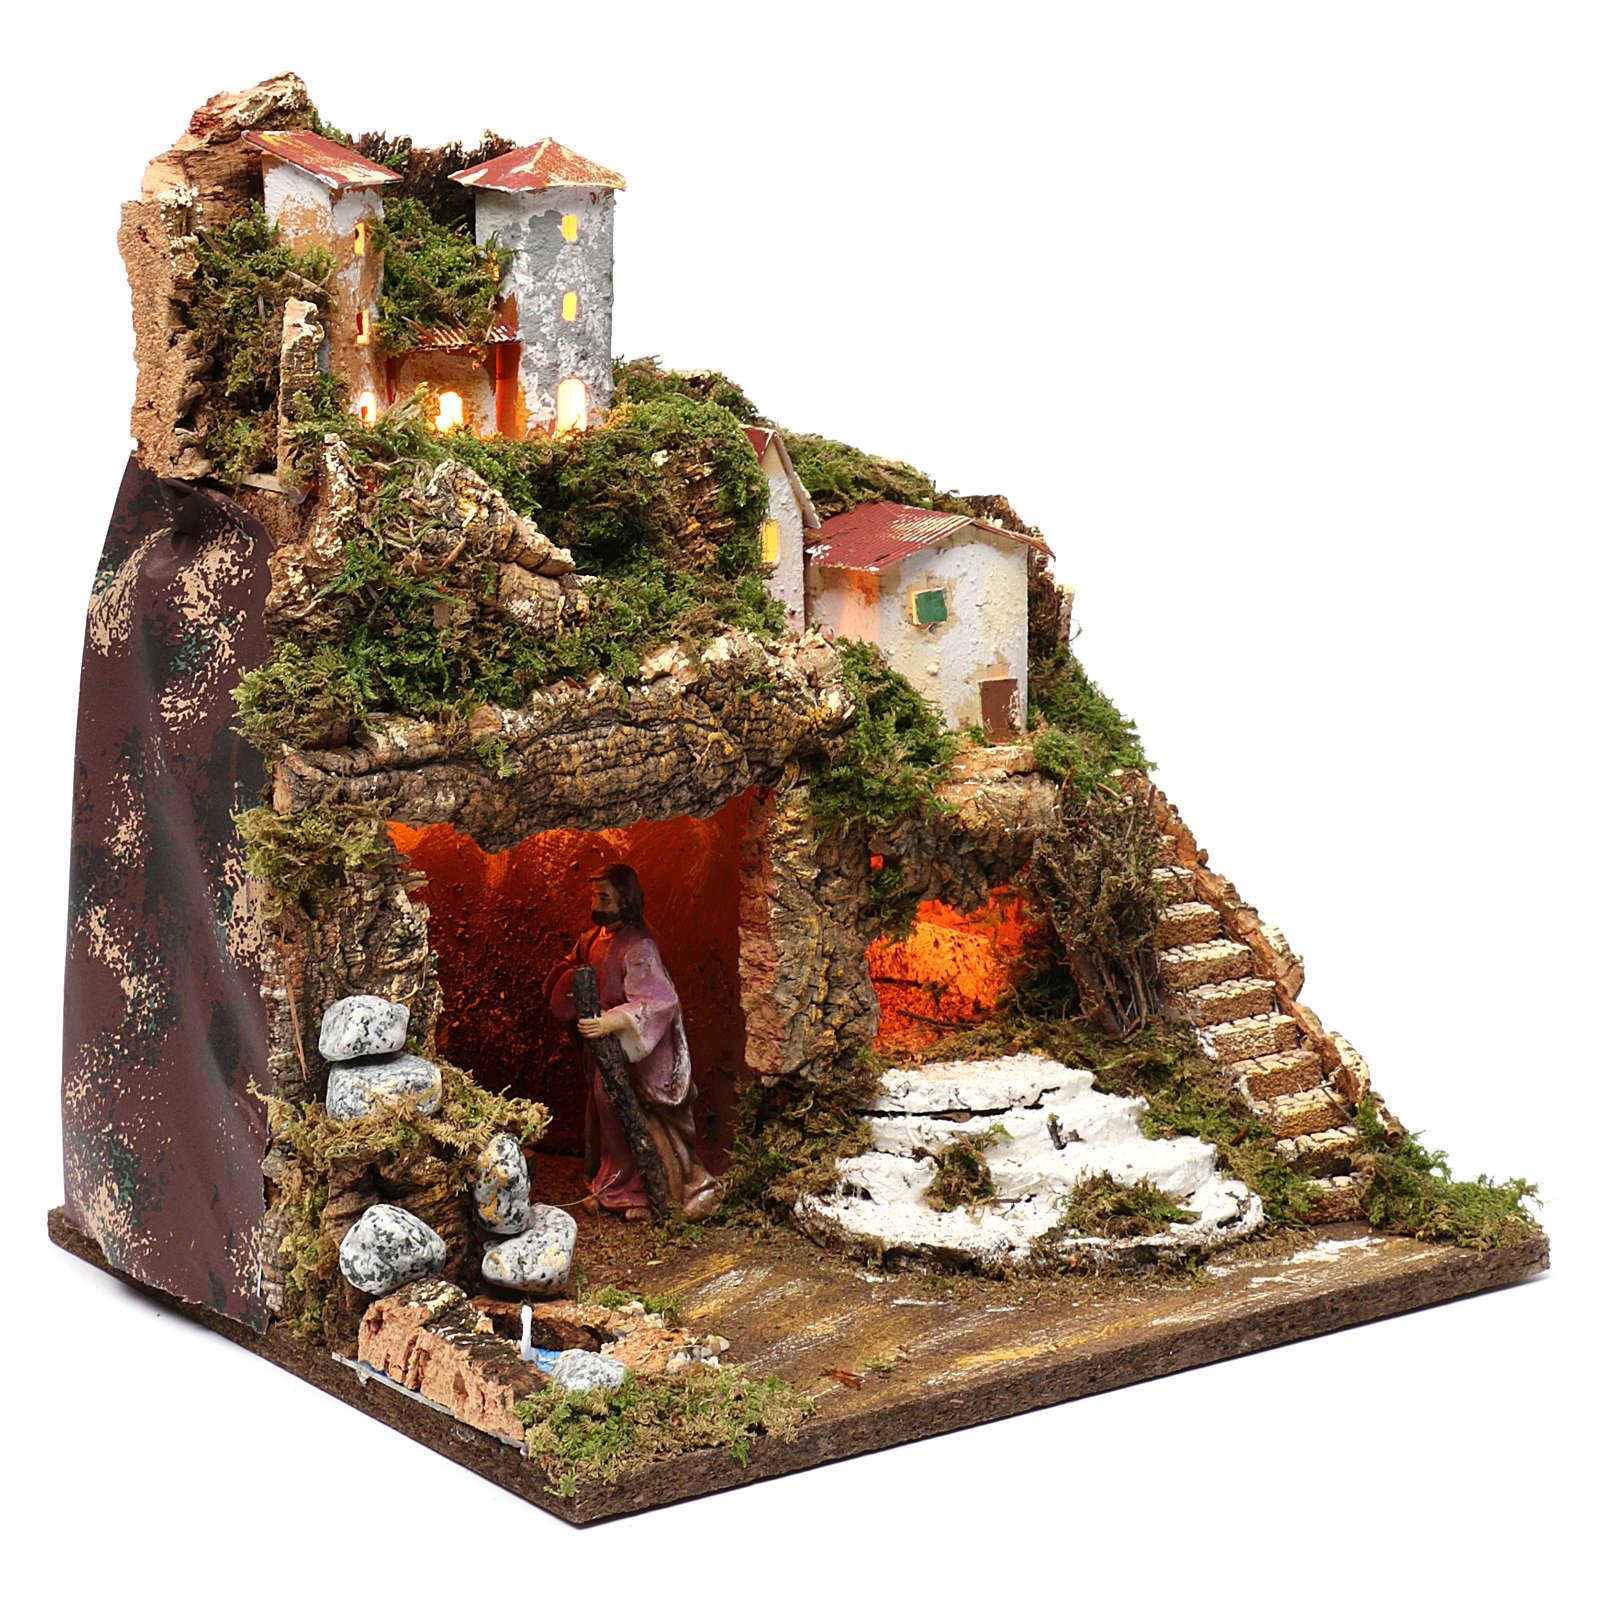 Cabaña con natividad para belén 10 cm y luces, tamaño 40x30x30 cm 4